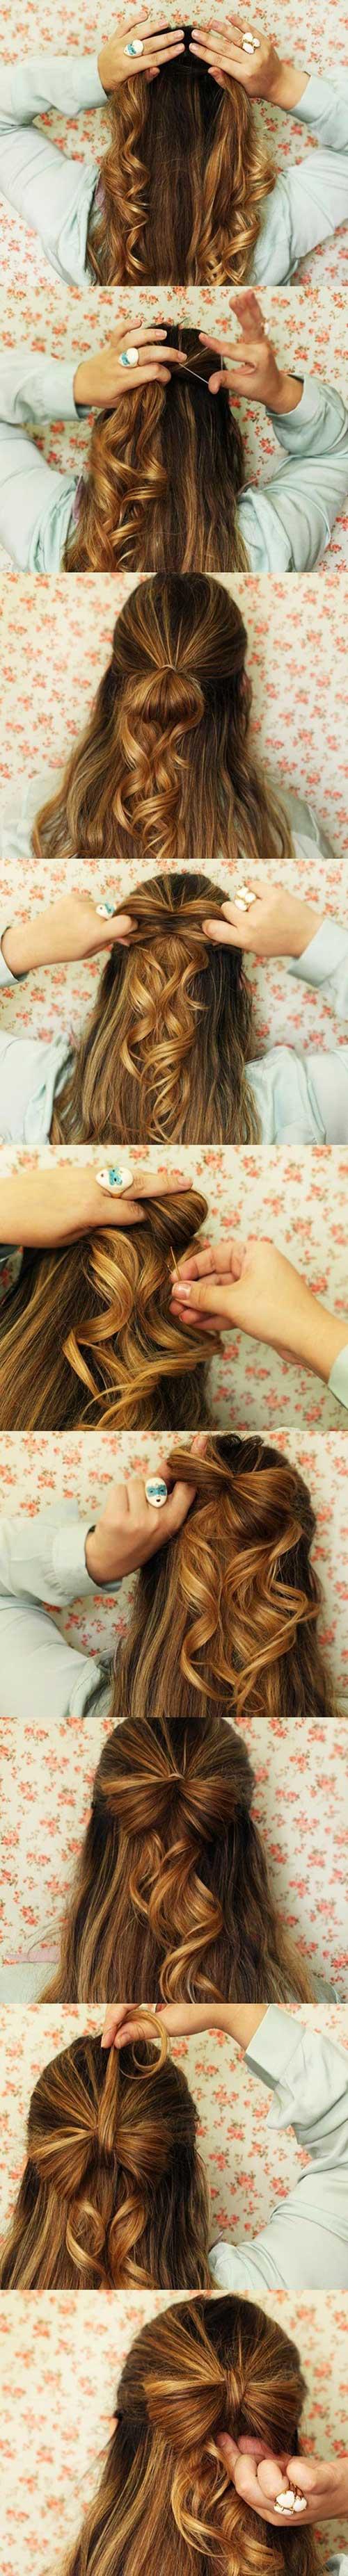 lacinho de cabelo como fazer